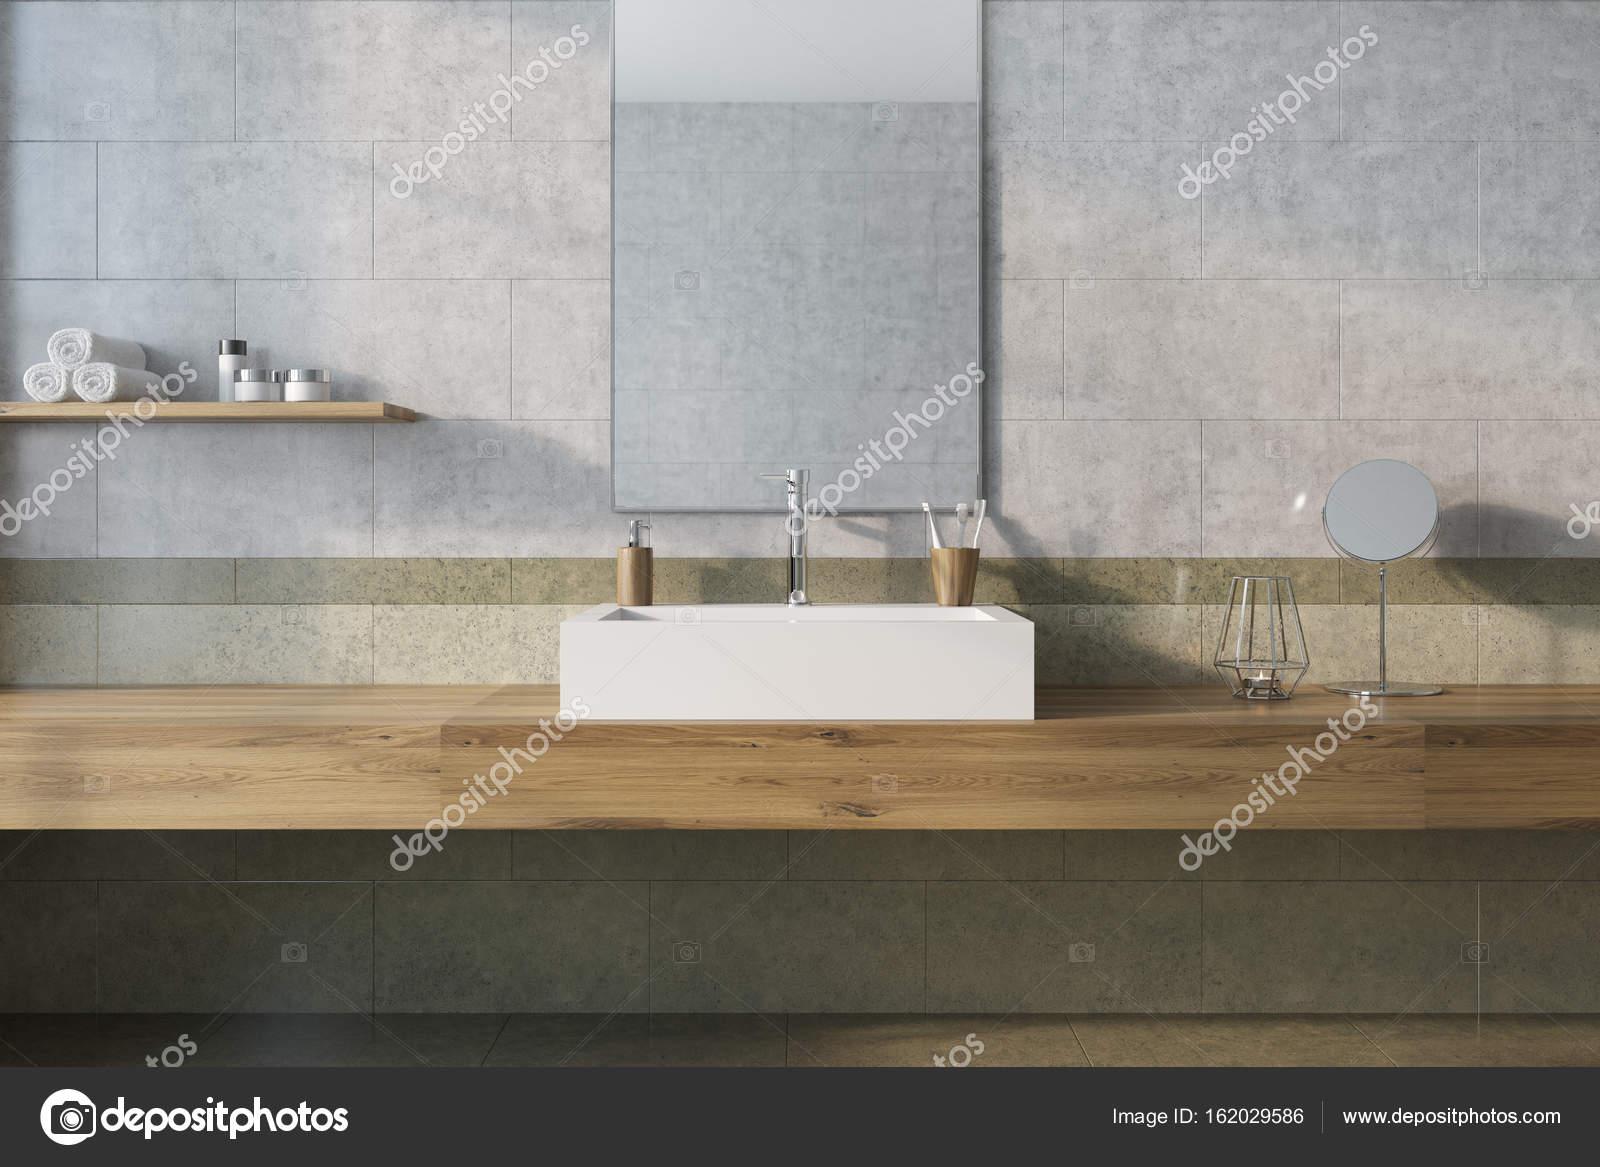 Lavello Bagno Angolare : Bagno in marmo lavello angolare legno u2014 foto stock